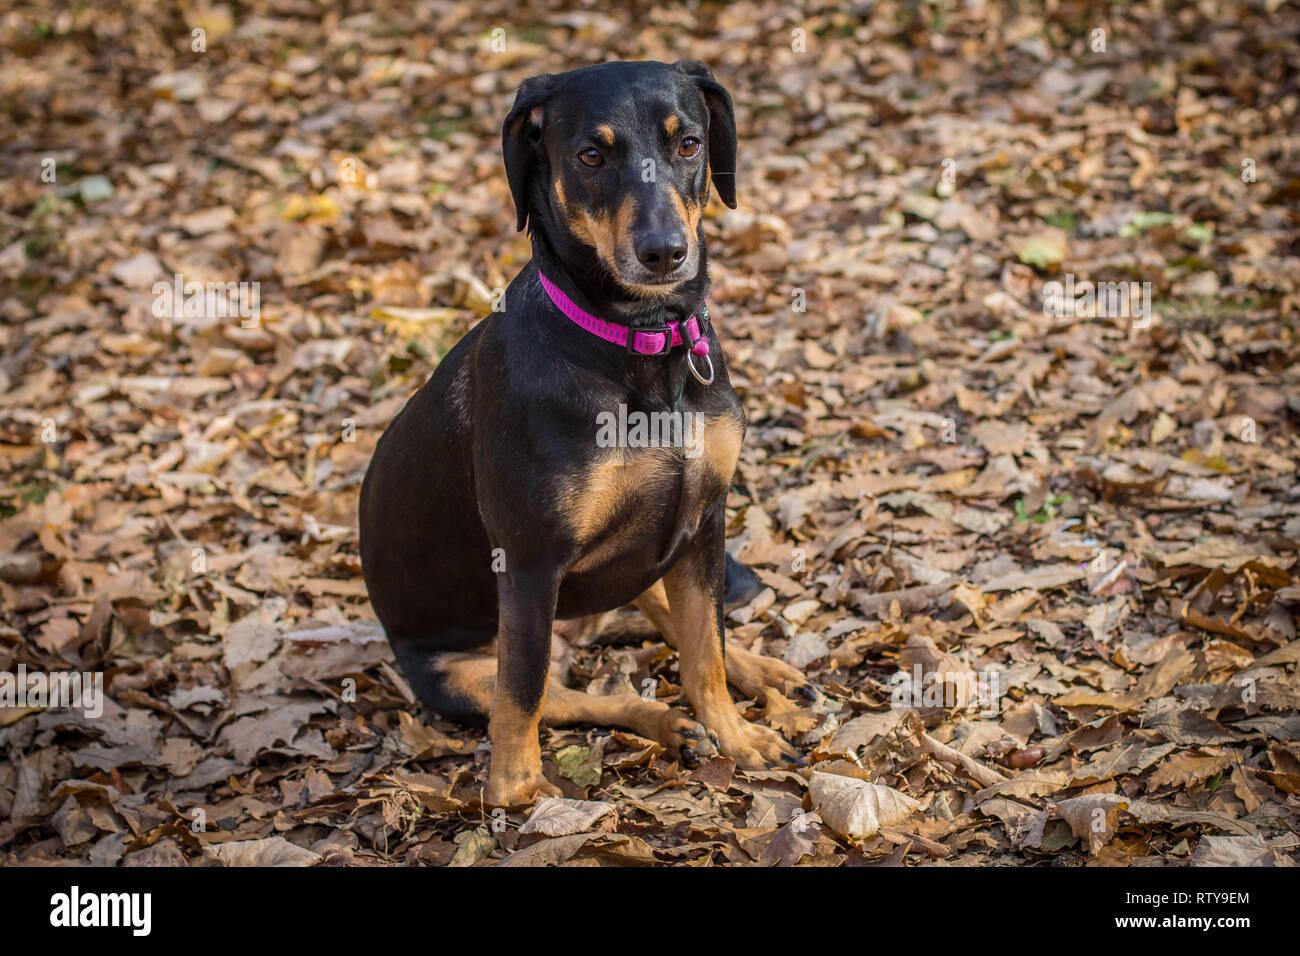 Negro Marrón lindo perro sentado en hojas caídas Foto de stock